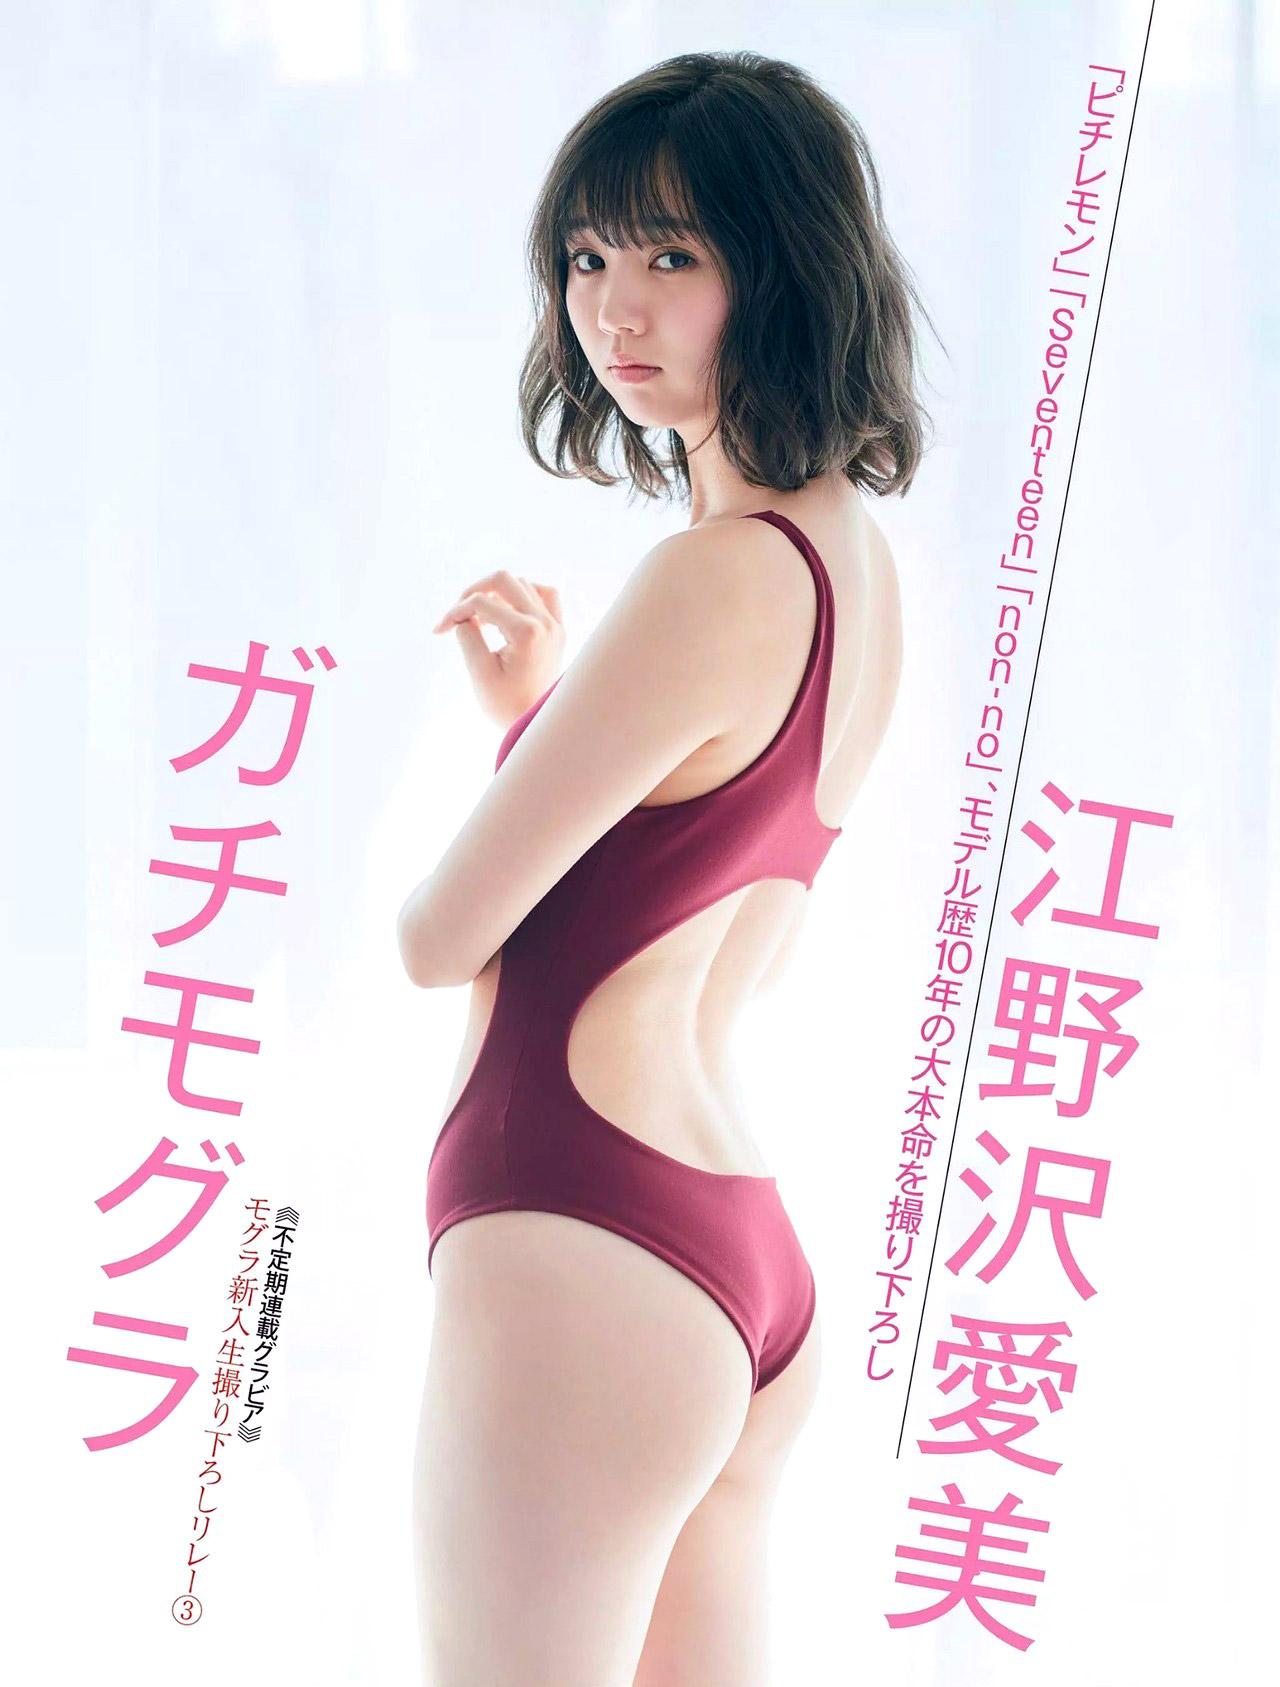 江野沢愛美(21) non-no専属モデルがグラビアデビュー